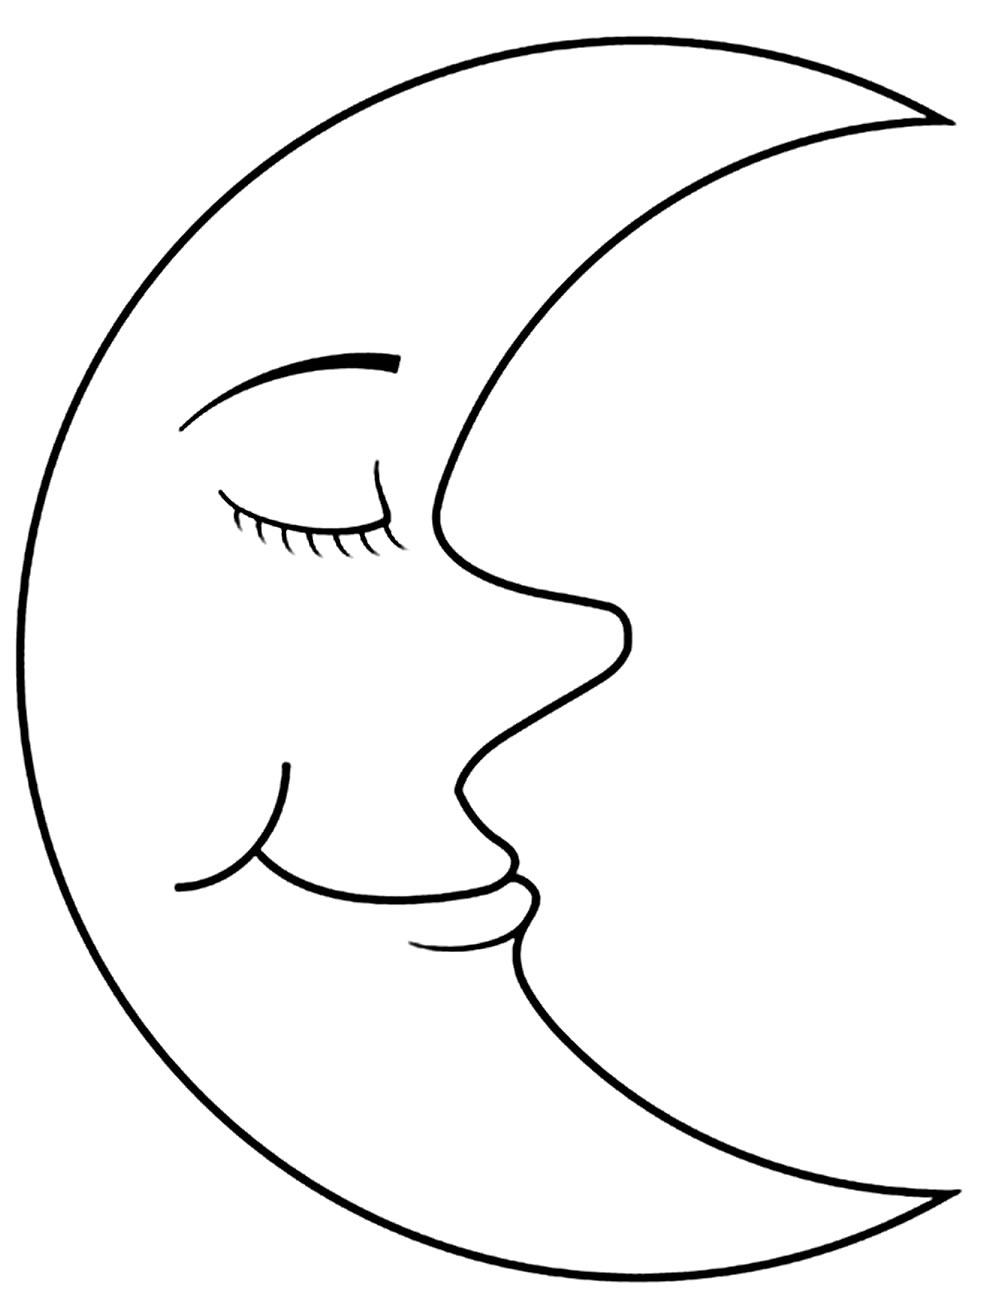 Imagem de Lua para pintar